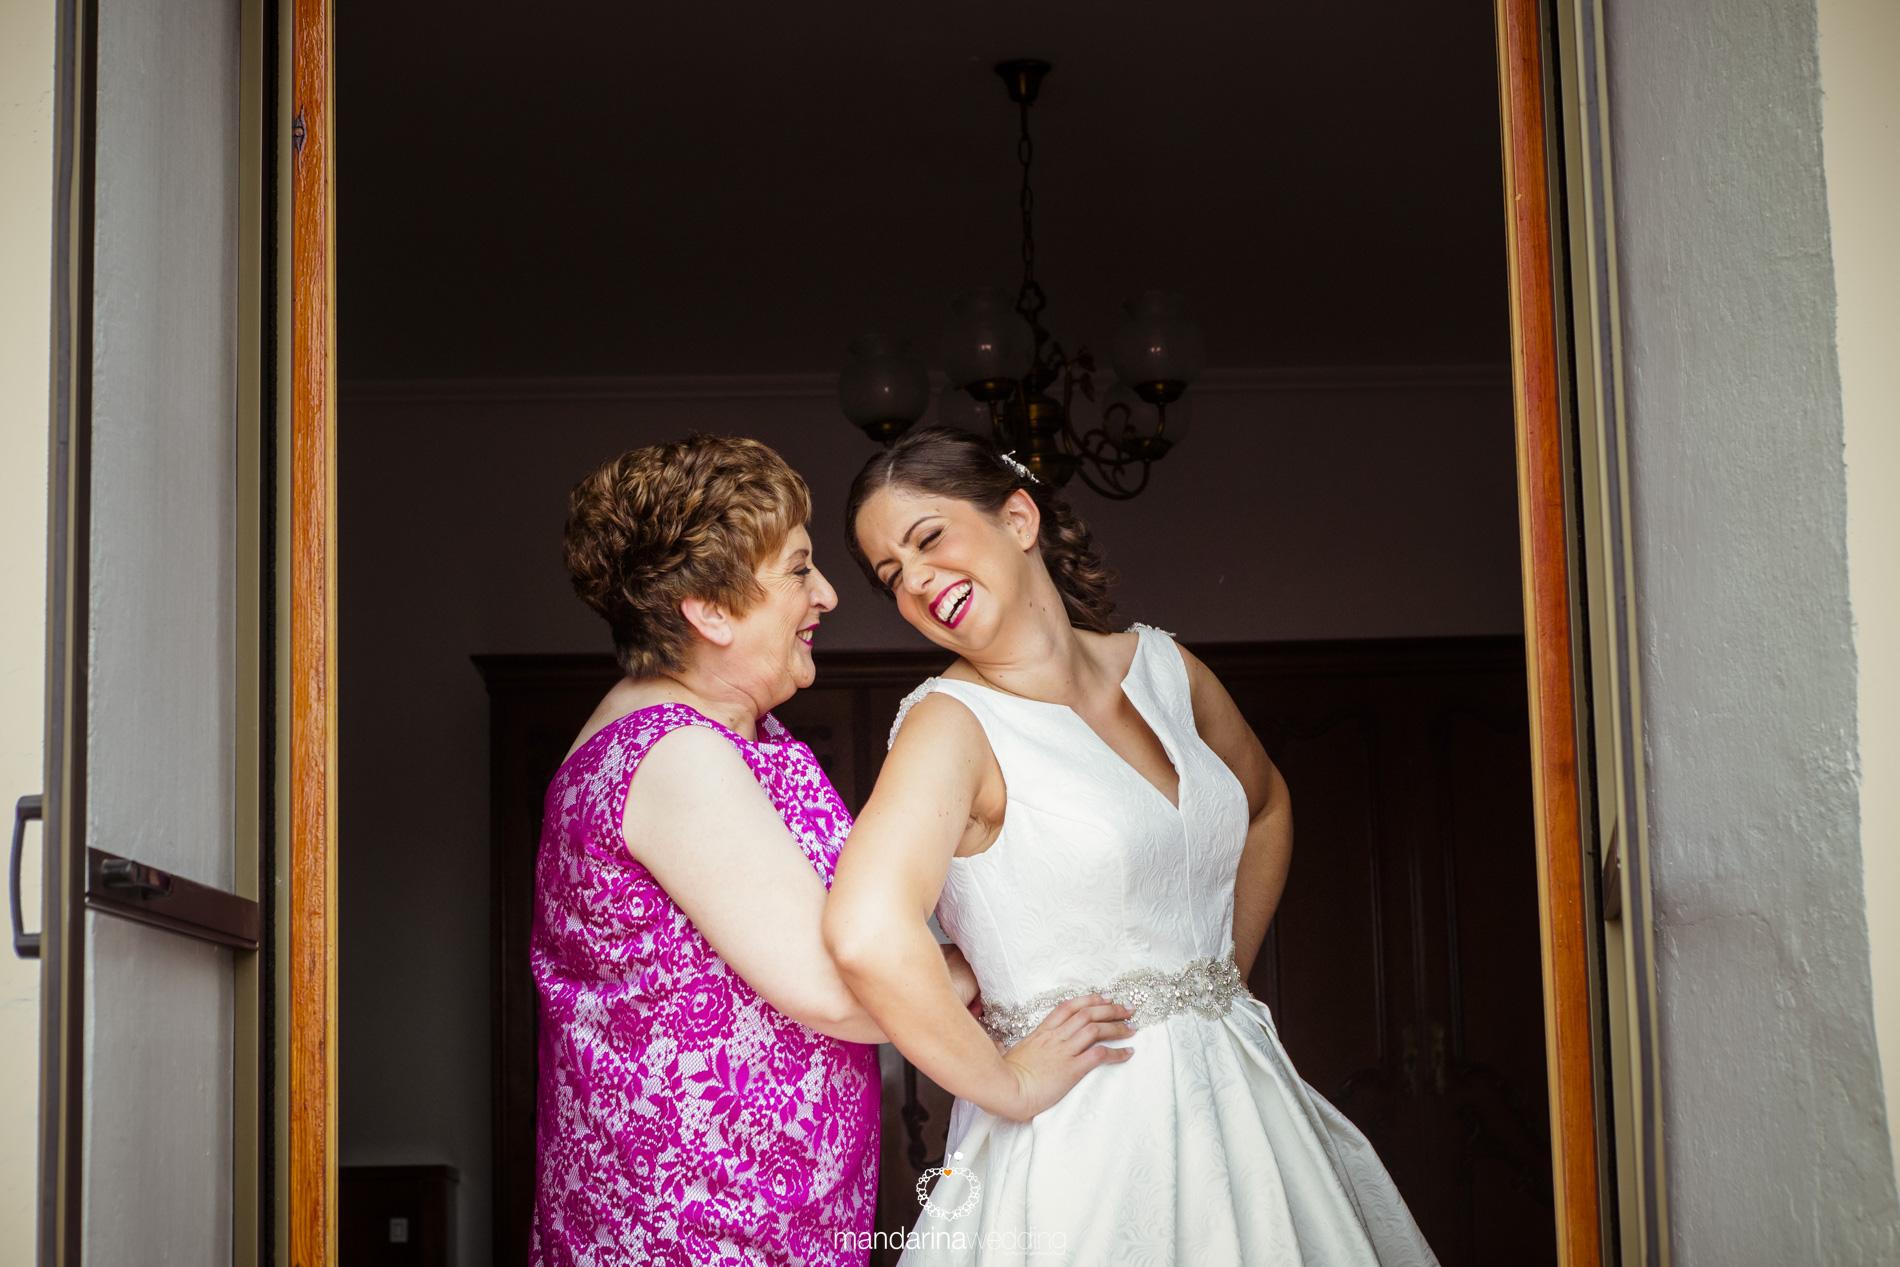 mandarina wedding, fotografo de boda, fotografo boda soria, fotografo boda barcelona, fotografo boda Madrid, fotografo boda lerida, fotografo boda Huesca, fotografo de destino_014